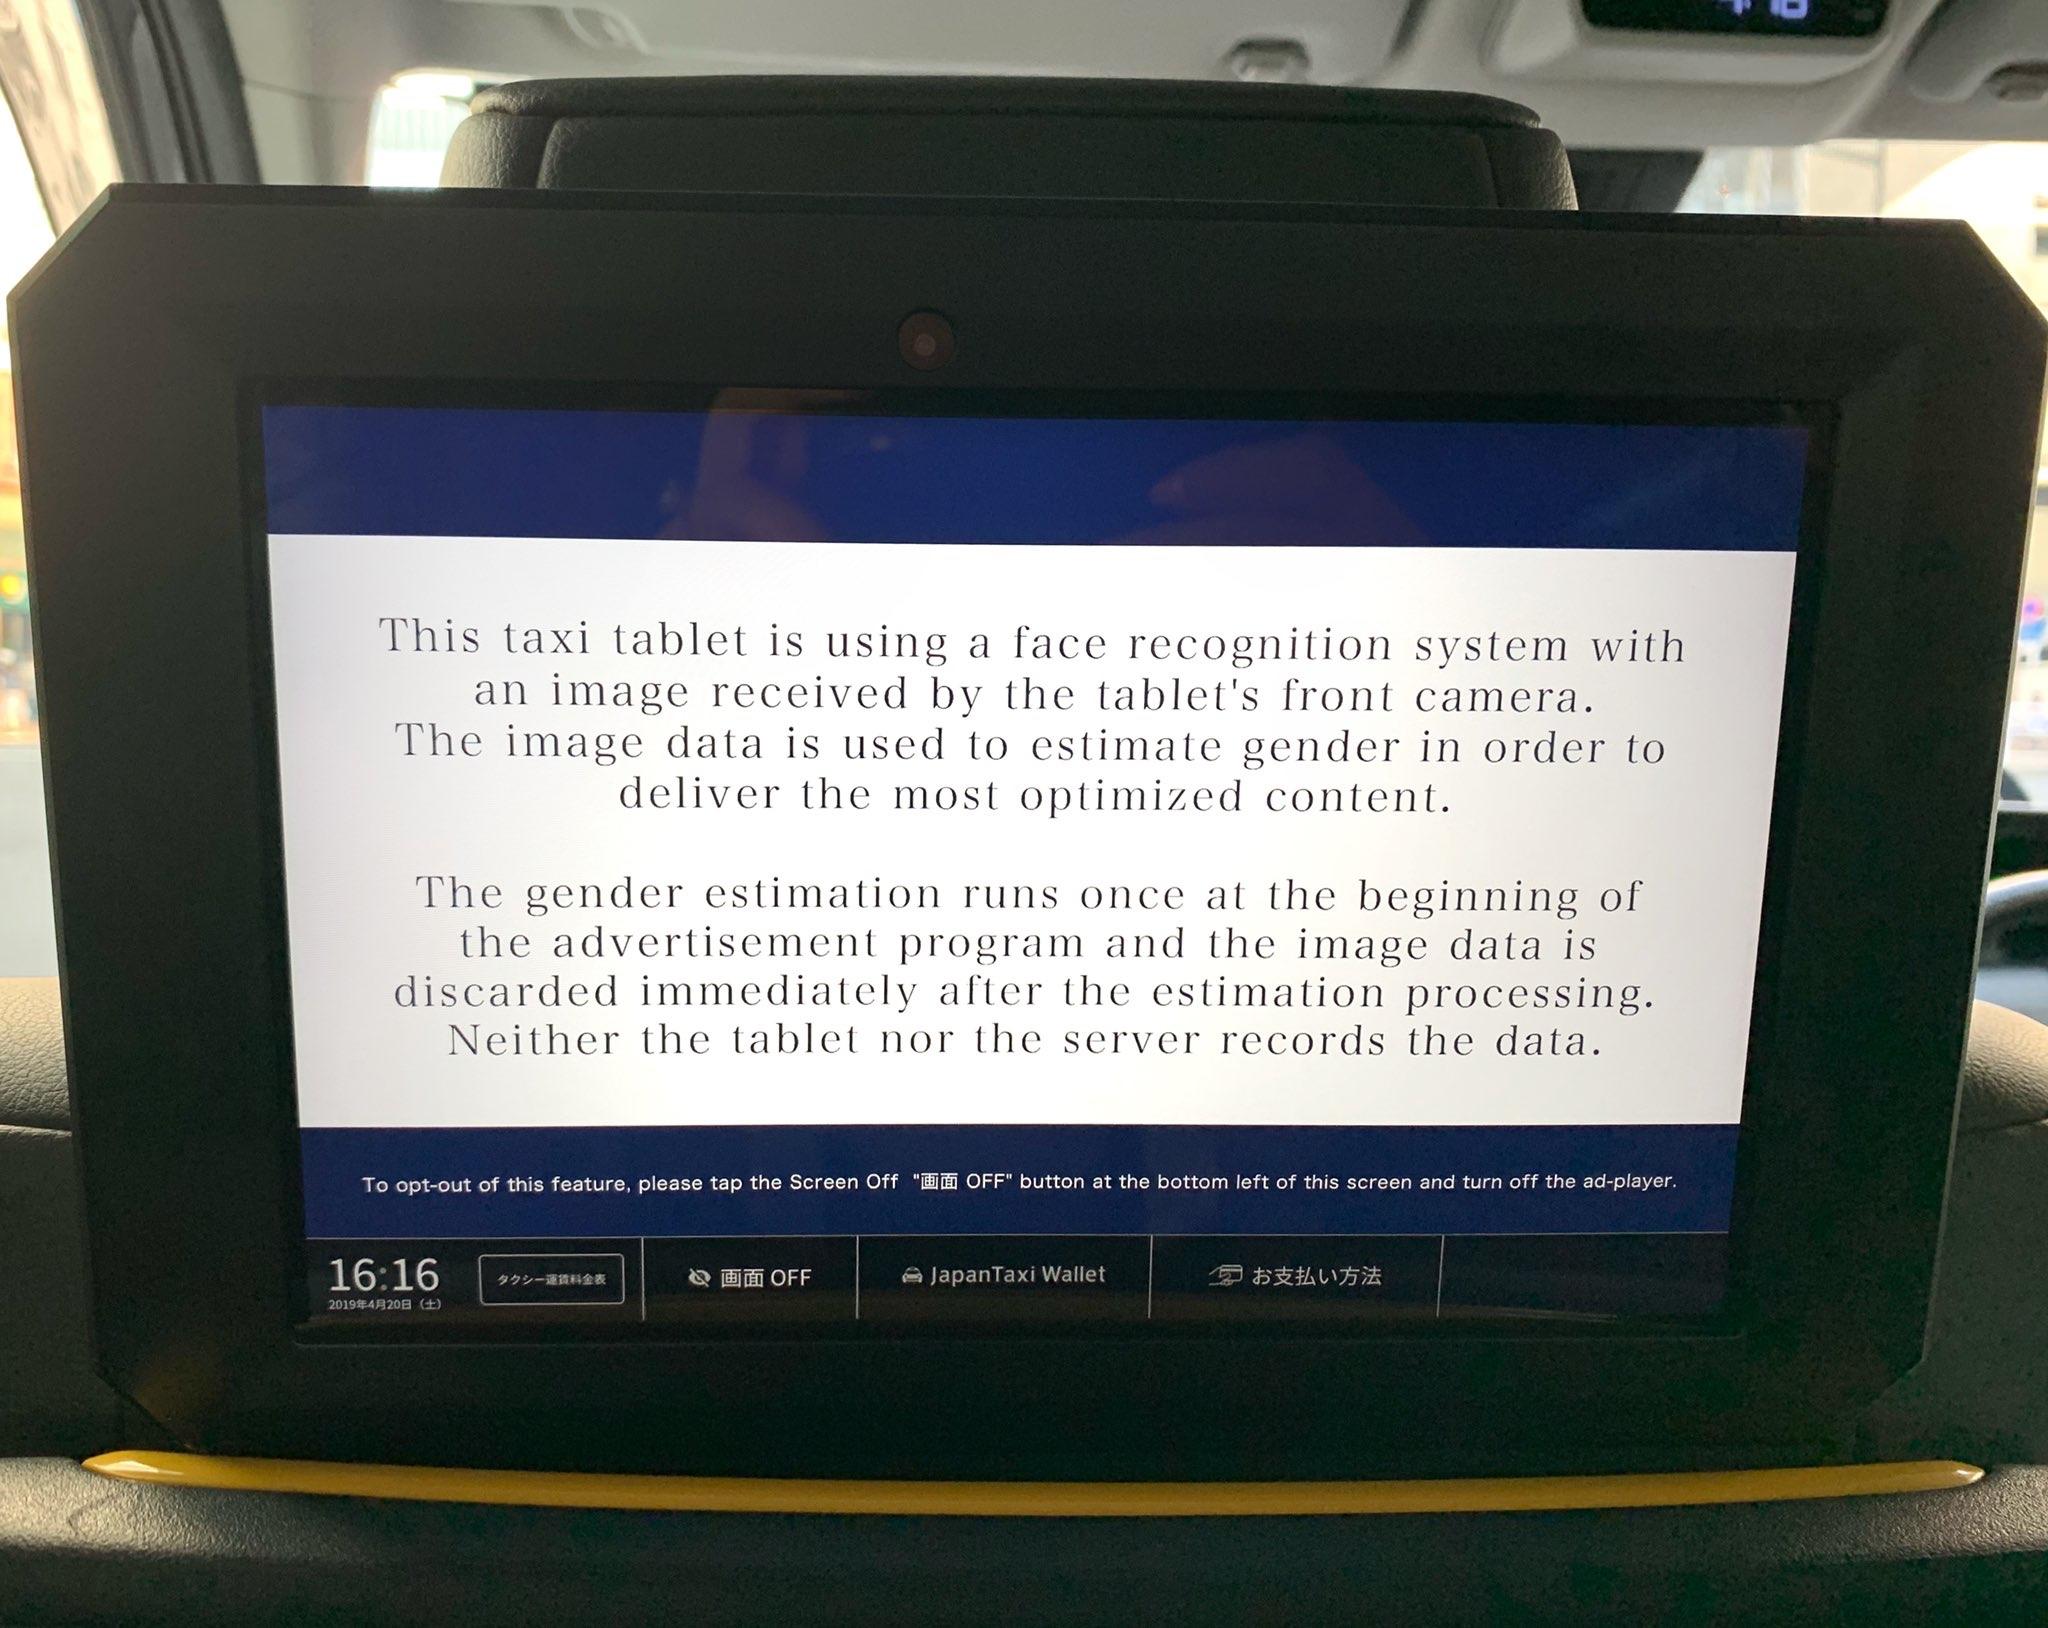 Japanisches Taxi nutzt Gesichtserkennung um Kunden gezielter Werbung anzuzeigen.